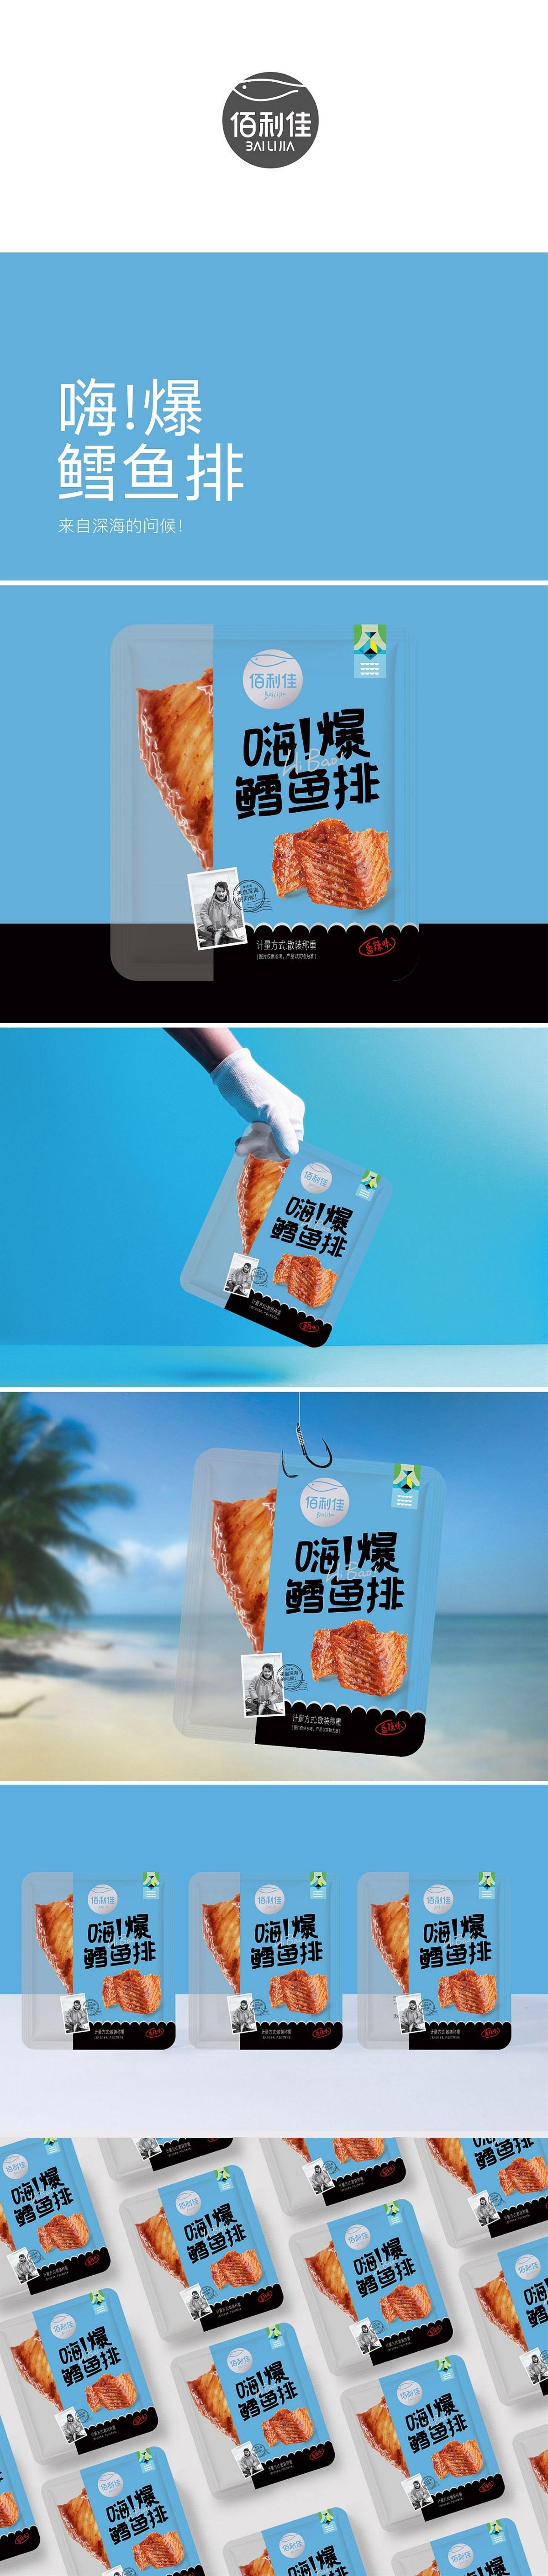 鱼排油炸食品原创插画包装设计